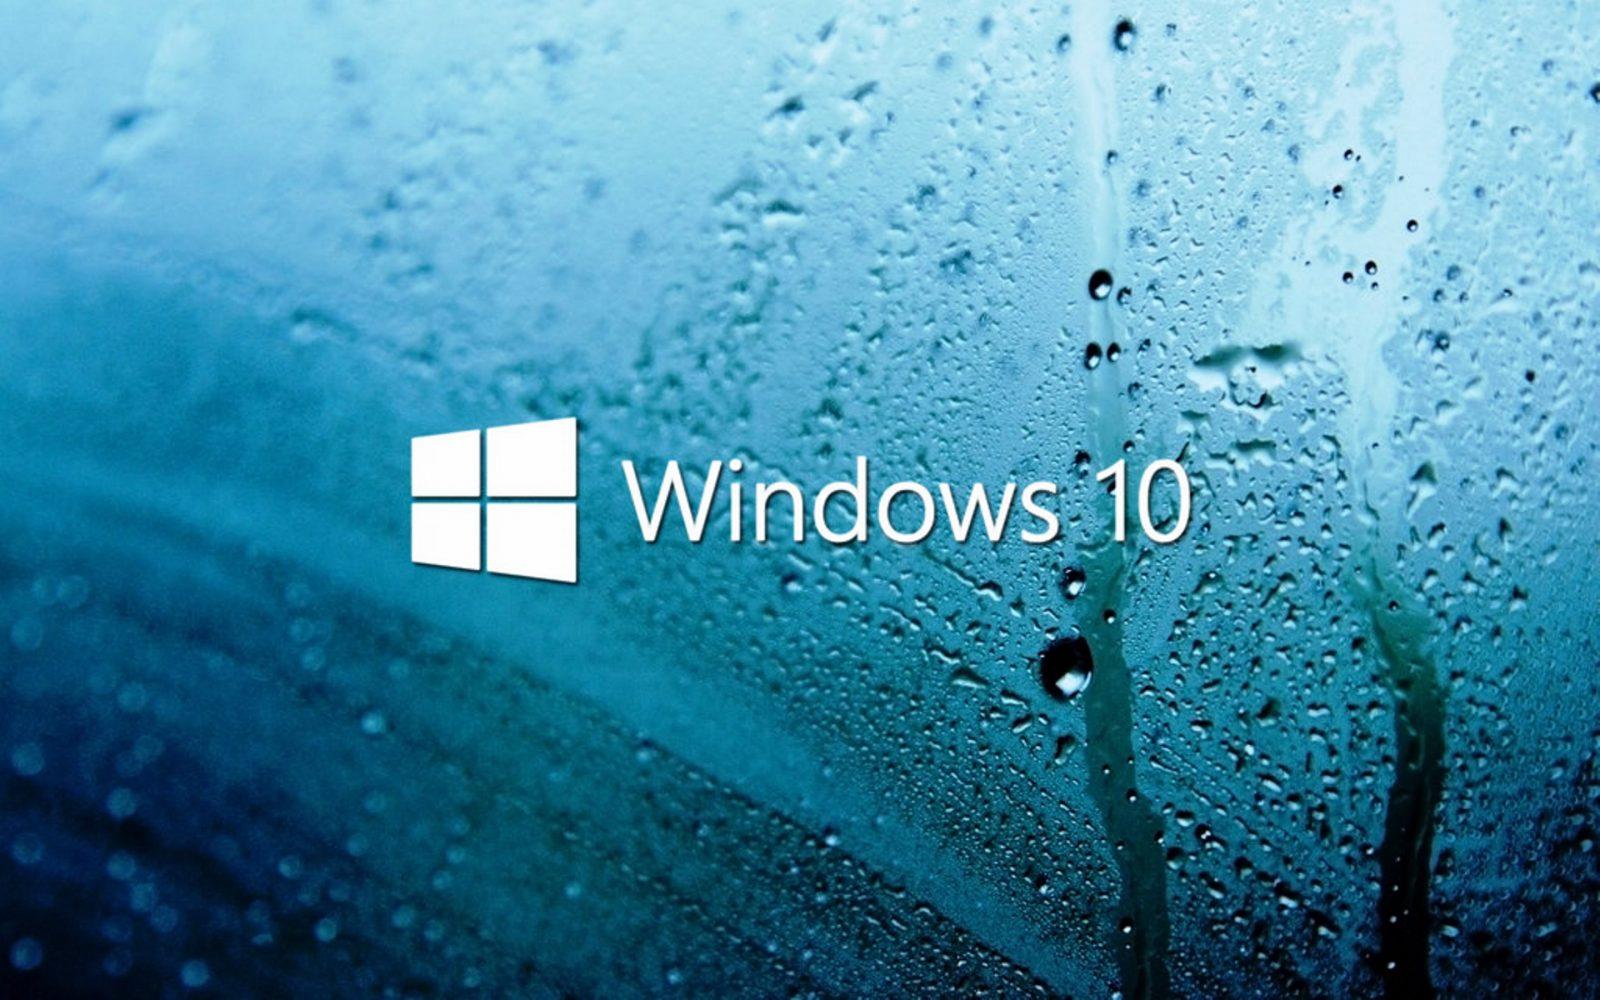 Windows 10 — Дата выхода, где скачать, установка, новости и первые обновления новой ОС